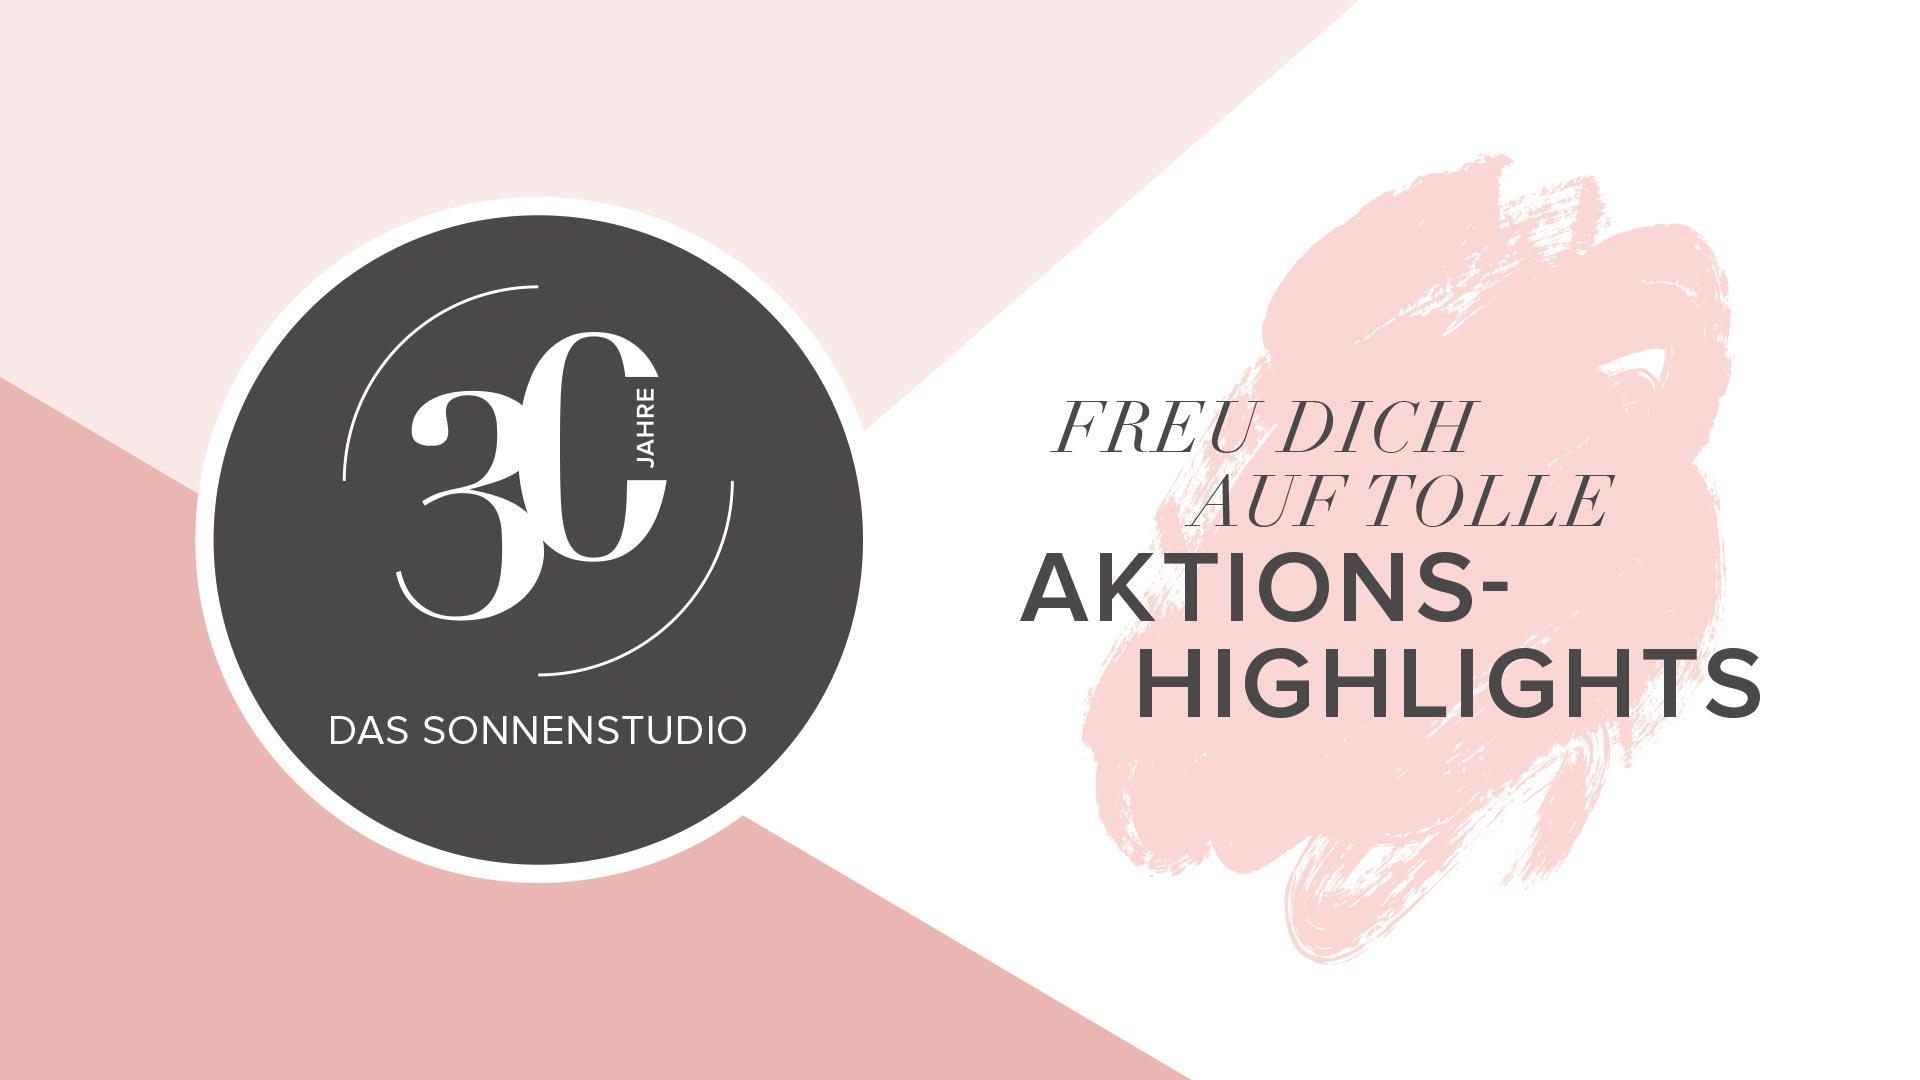 30-jahre-aktion-kosmetikangebot-3